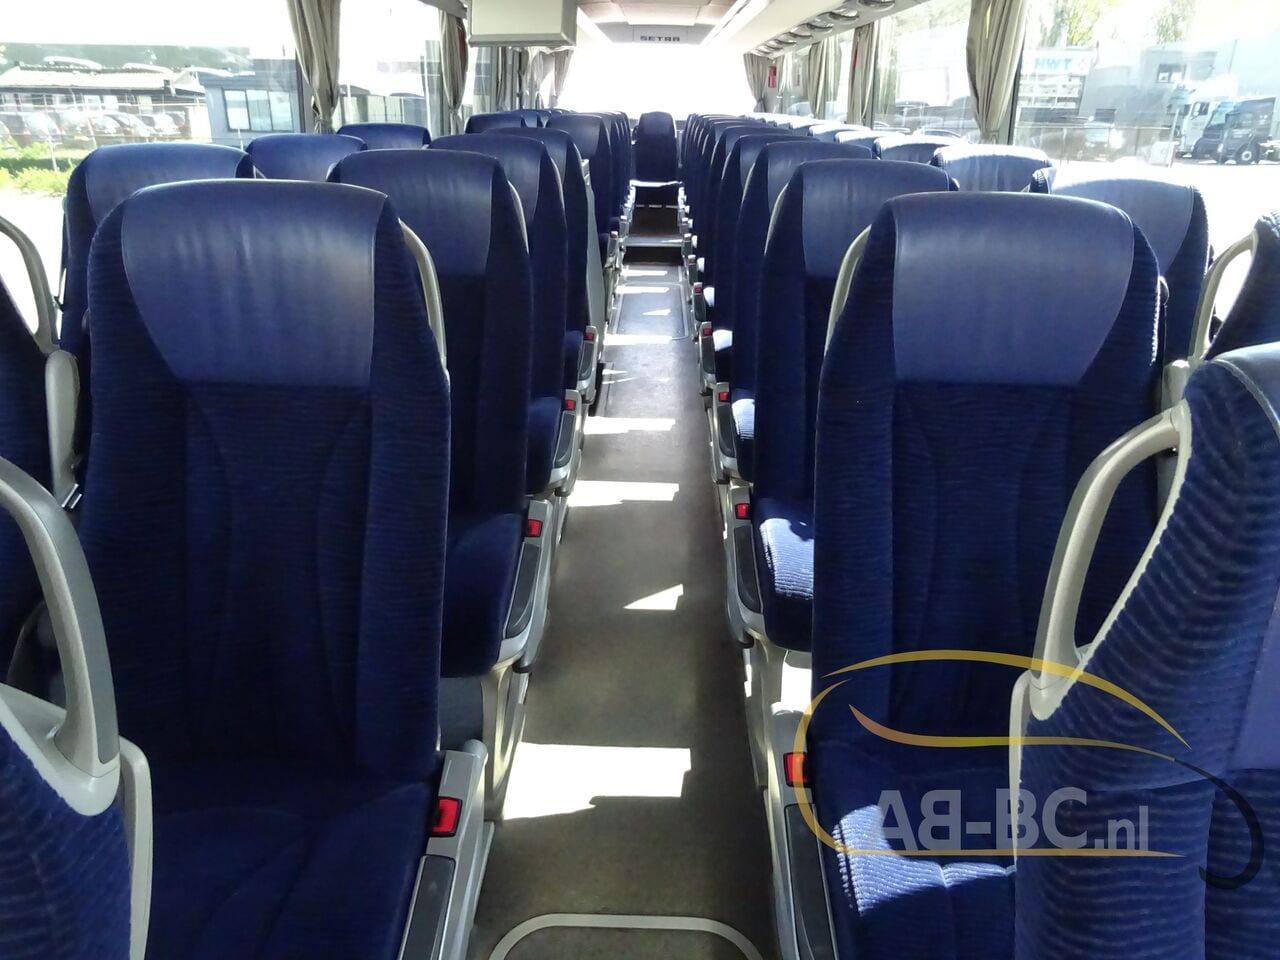 coach-busSETRA-S415-GT-HD-FINAL-EDITION-51-SEATS-LIFTBUS---1620382056246916076_big_835d0beb44b79d8218ee6507737b0da3--21050713010665719300